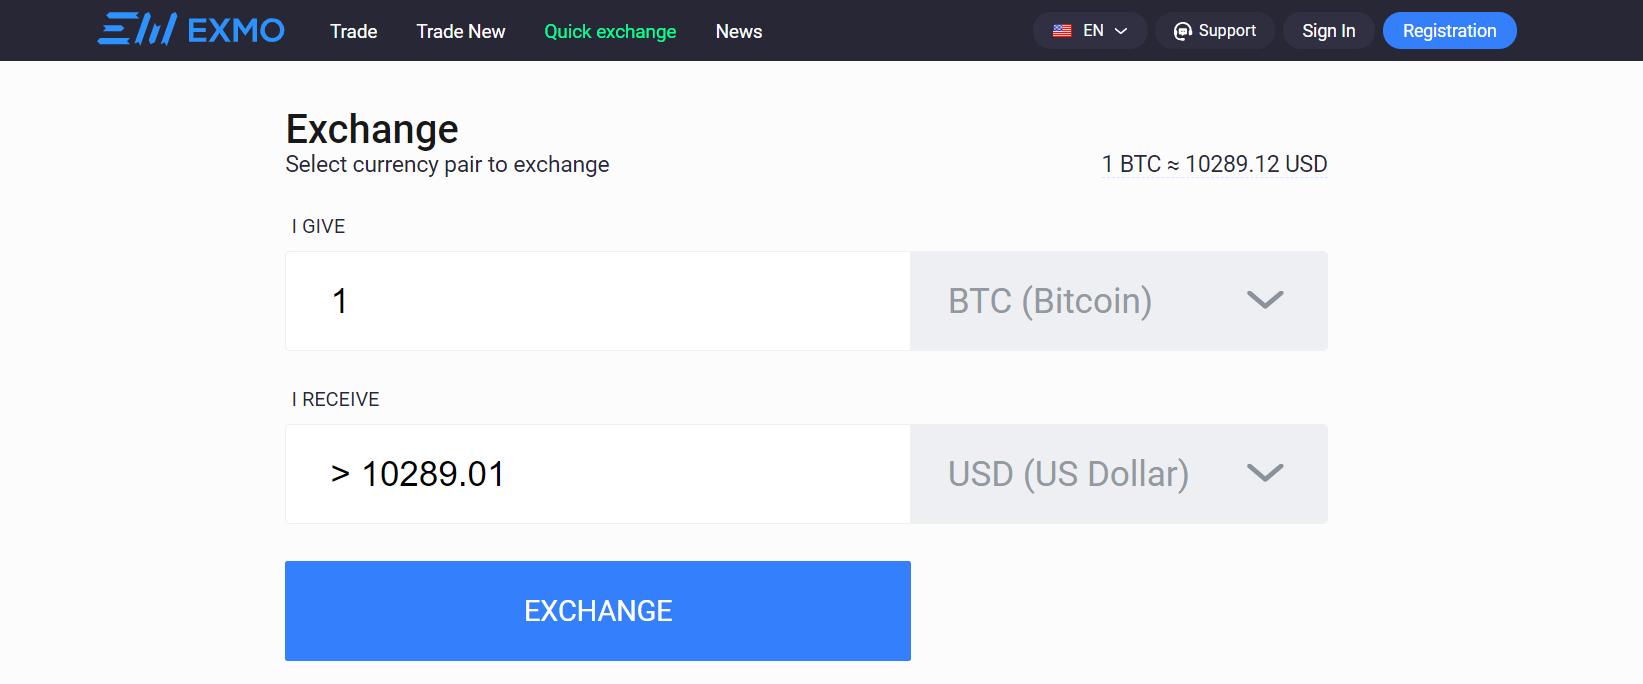 Exmo Quick Exchange